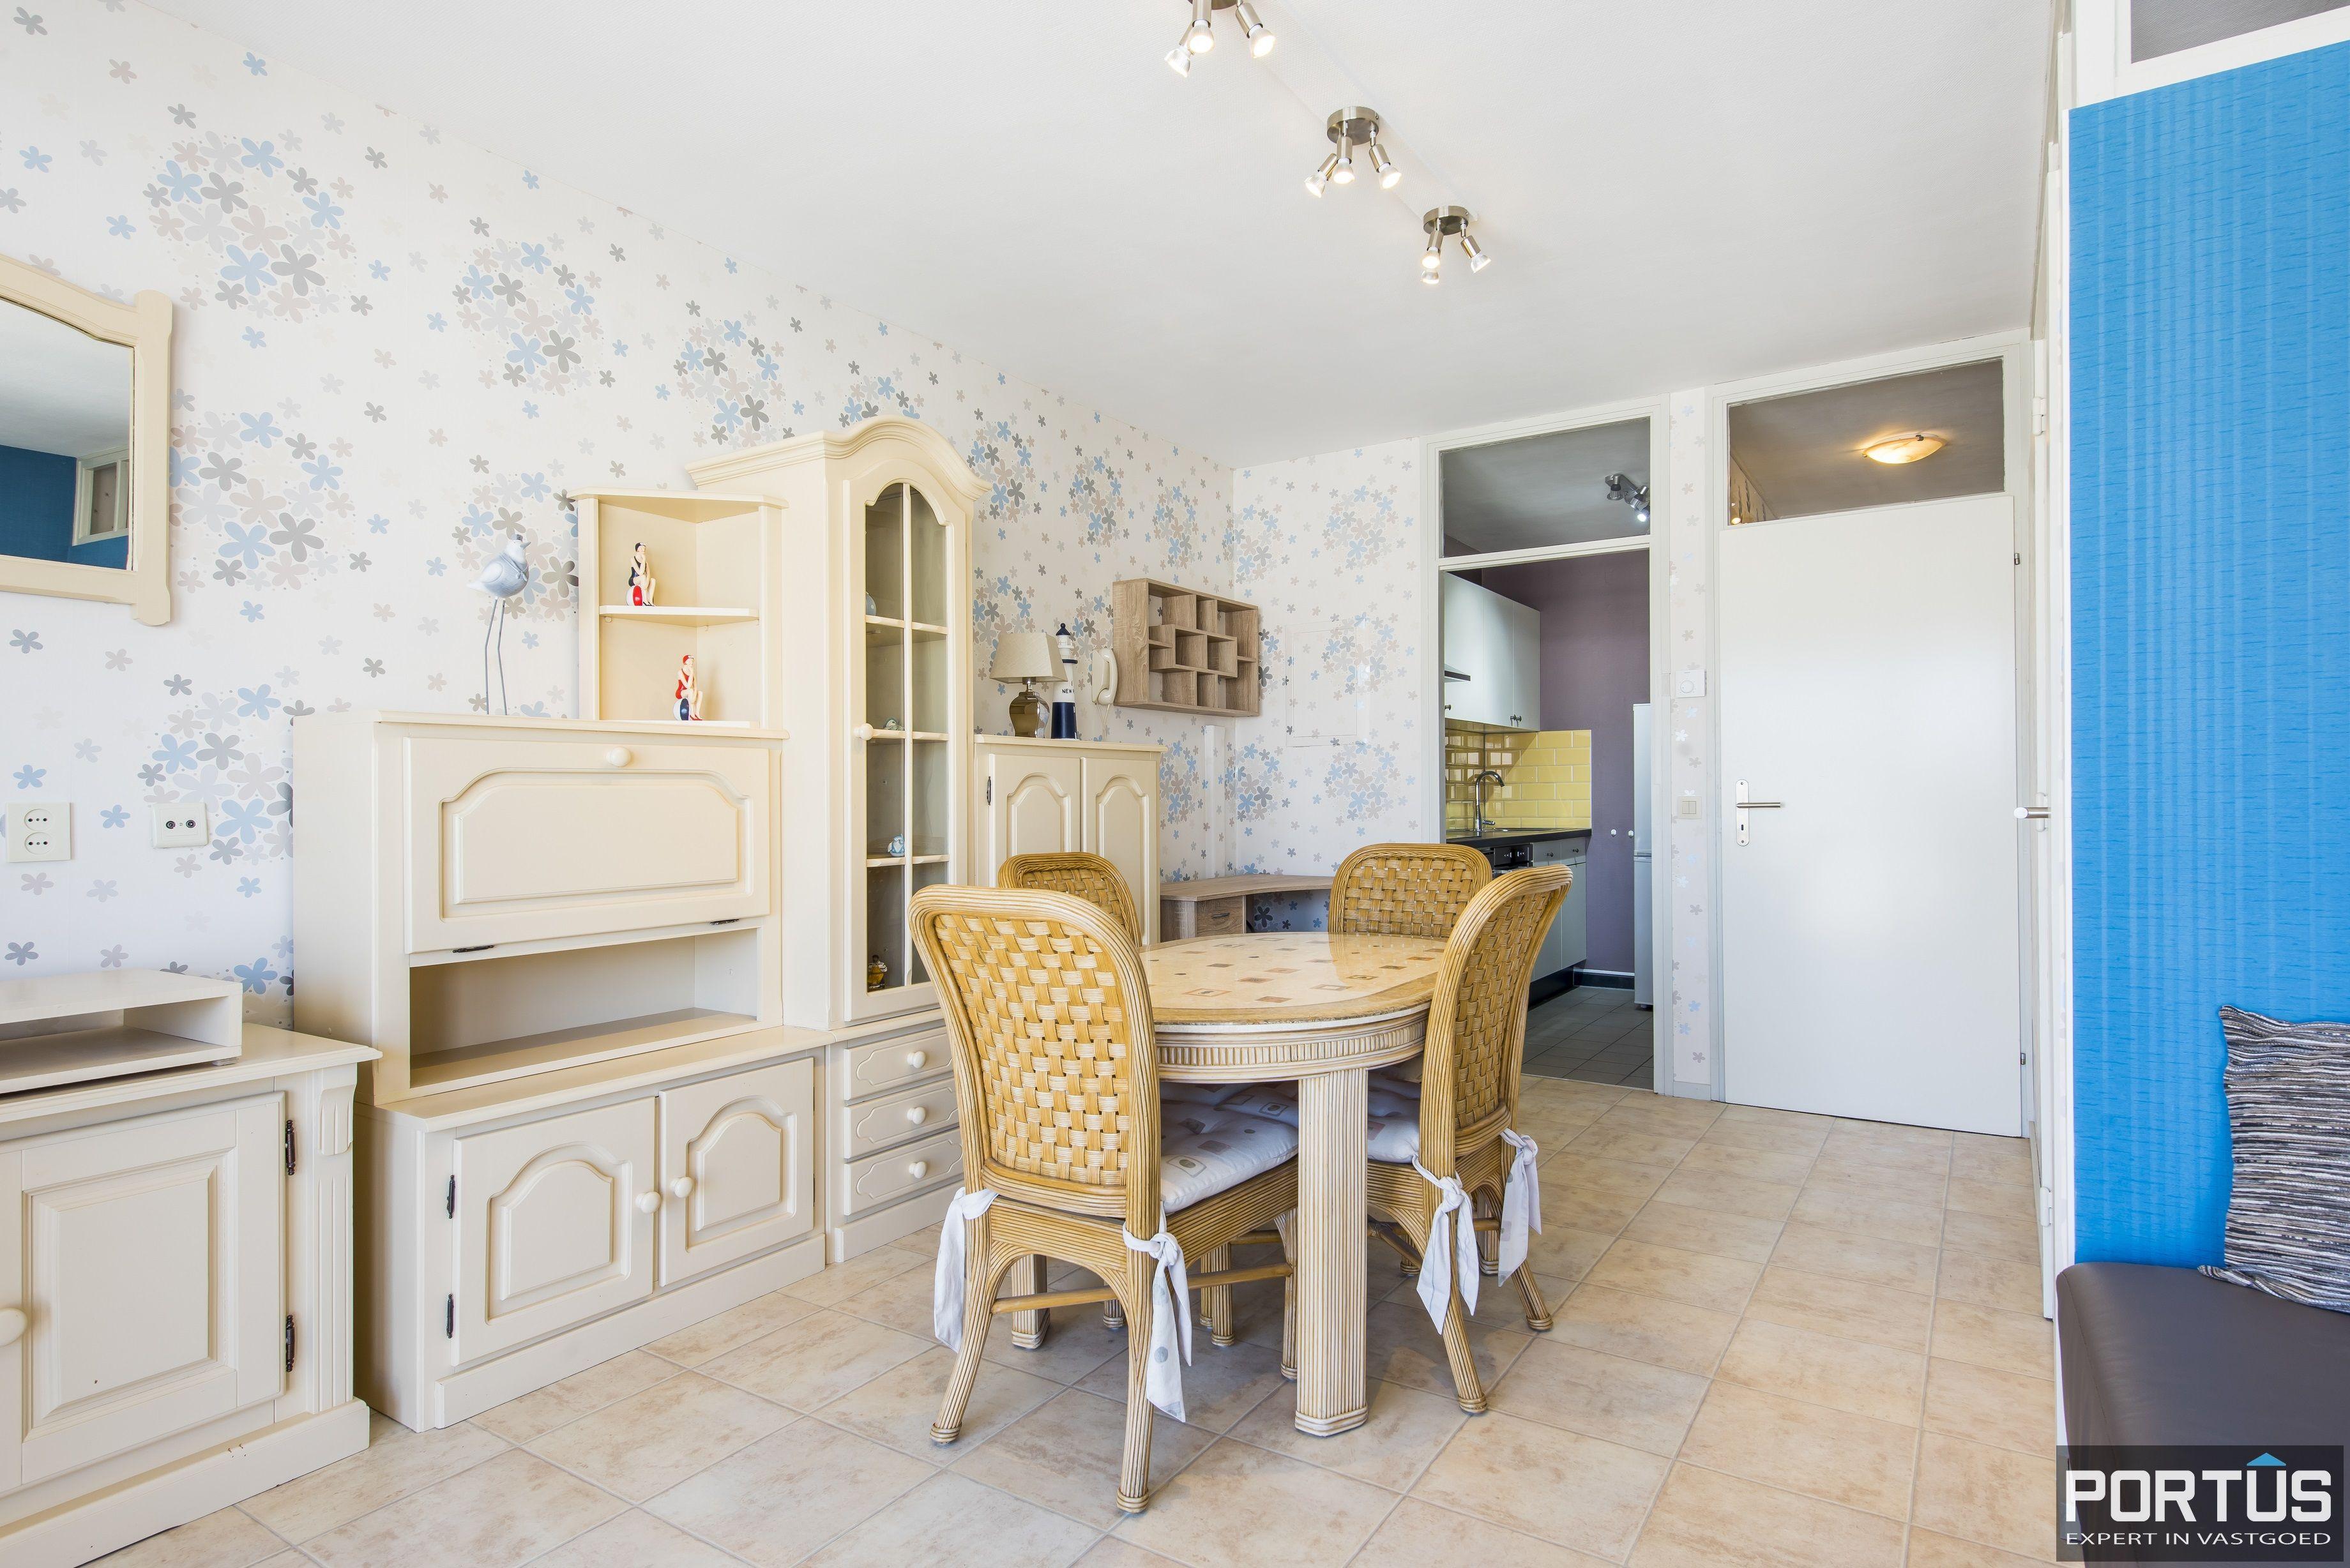 Instapklaar 1 slaapkamer appartement met ruim terras met zijdelings zeezicht te koop - 9546